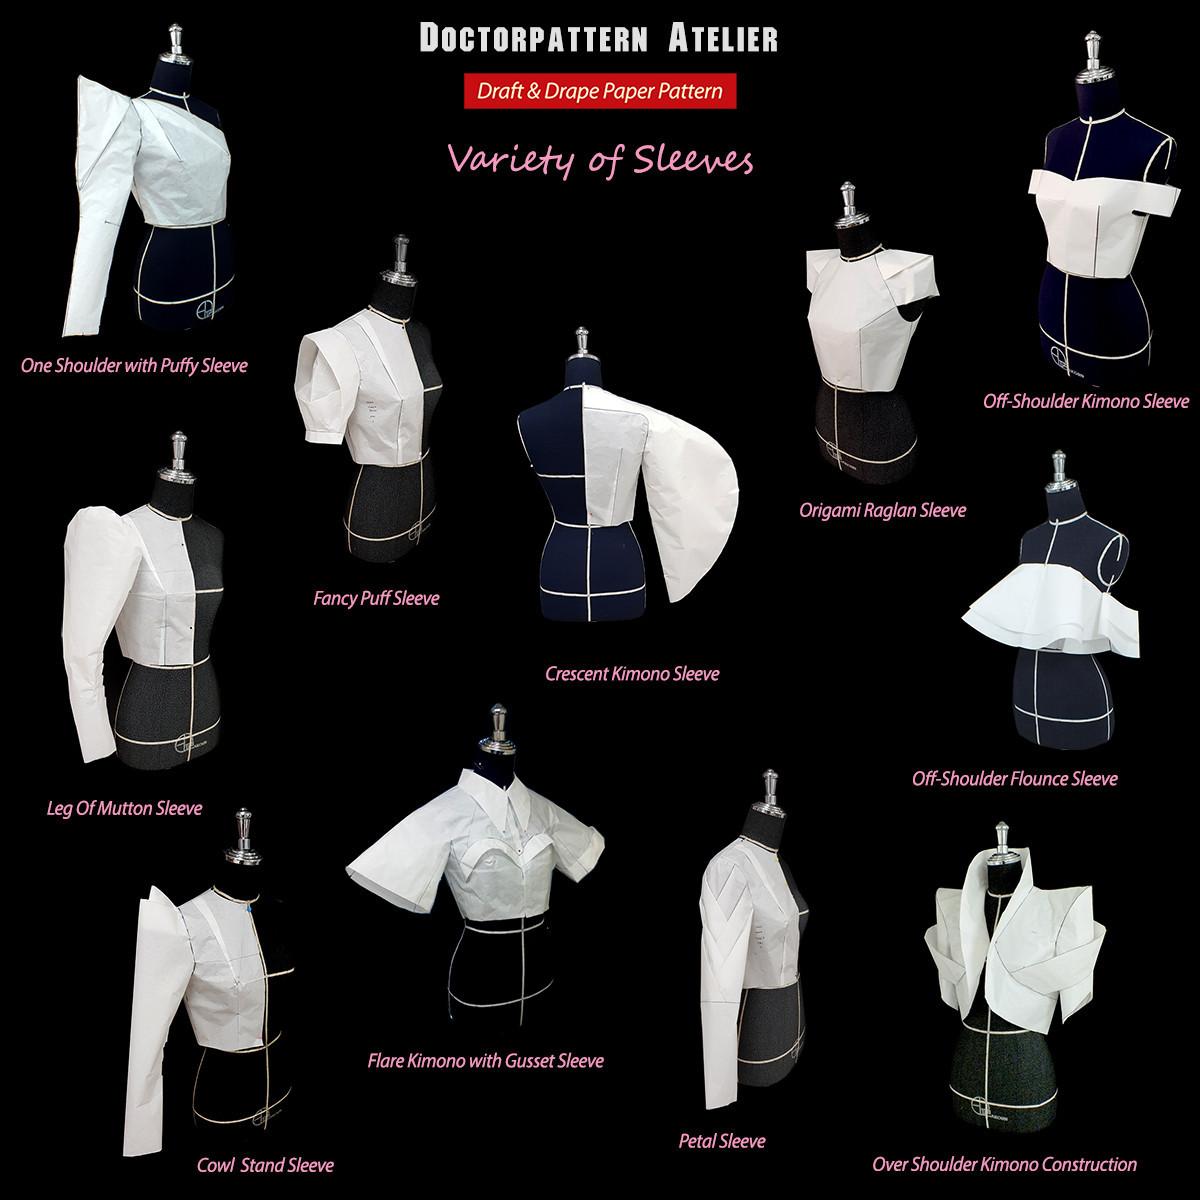 ผลงานการสร้างแพทเทิร์นแขนเสื้อรูปแบบต่างๆ